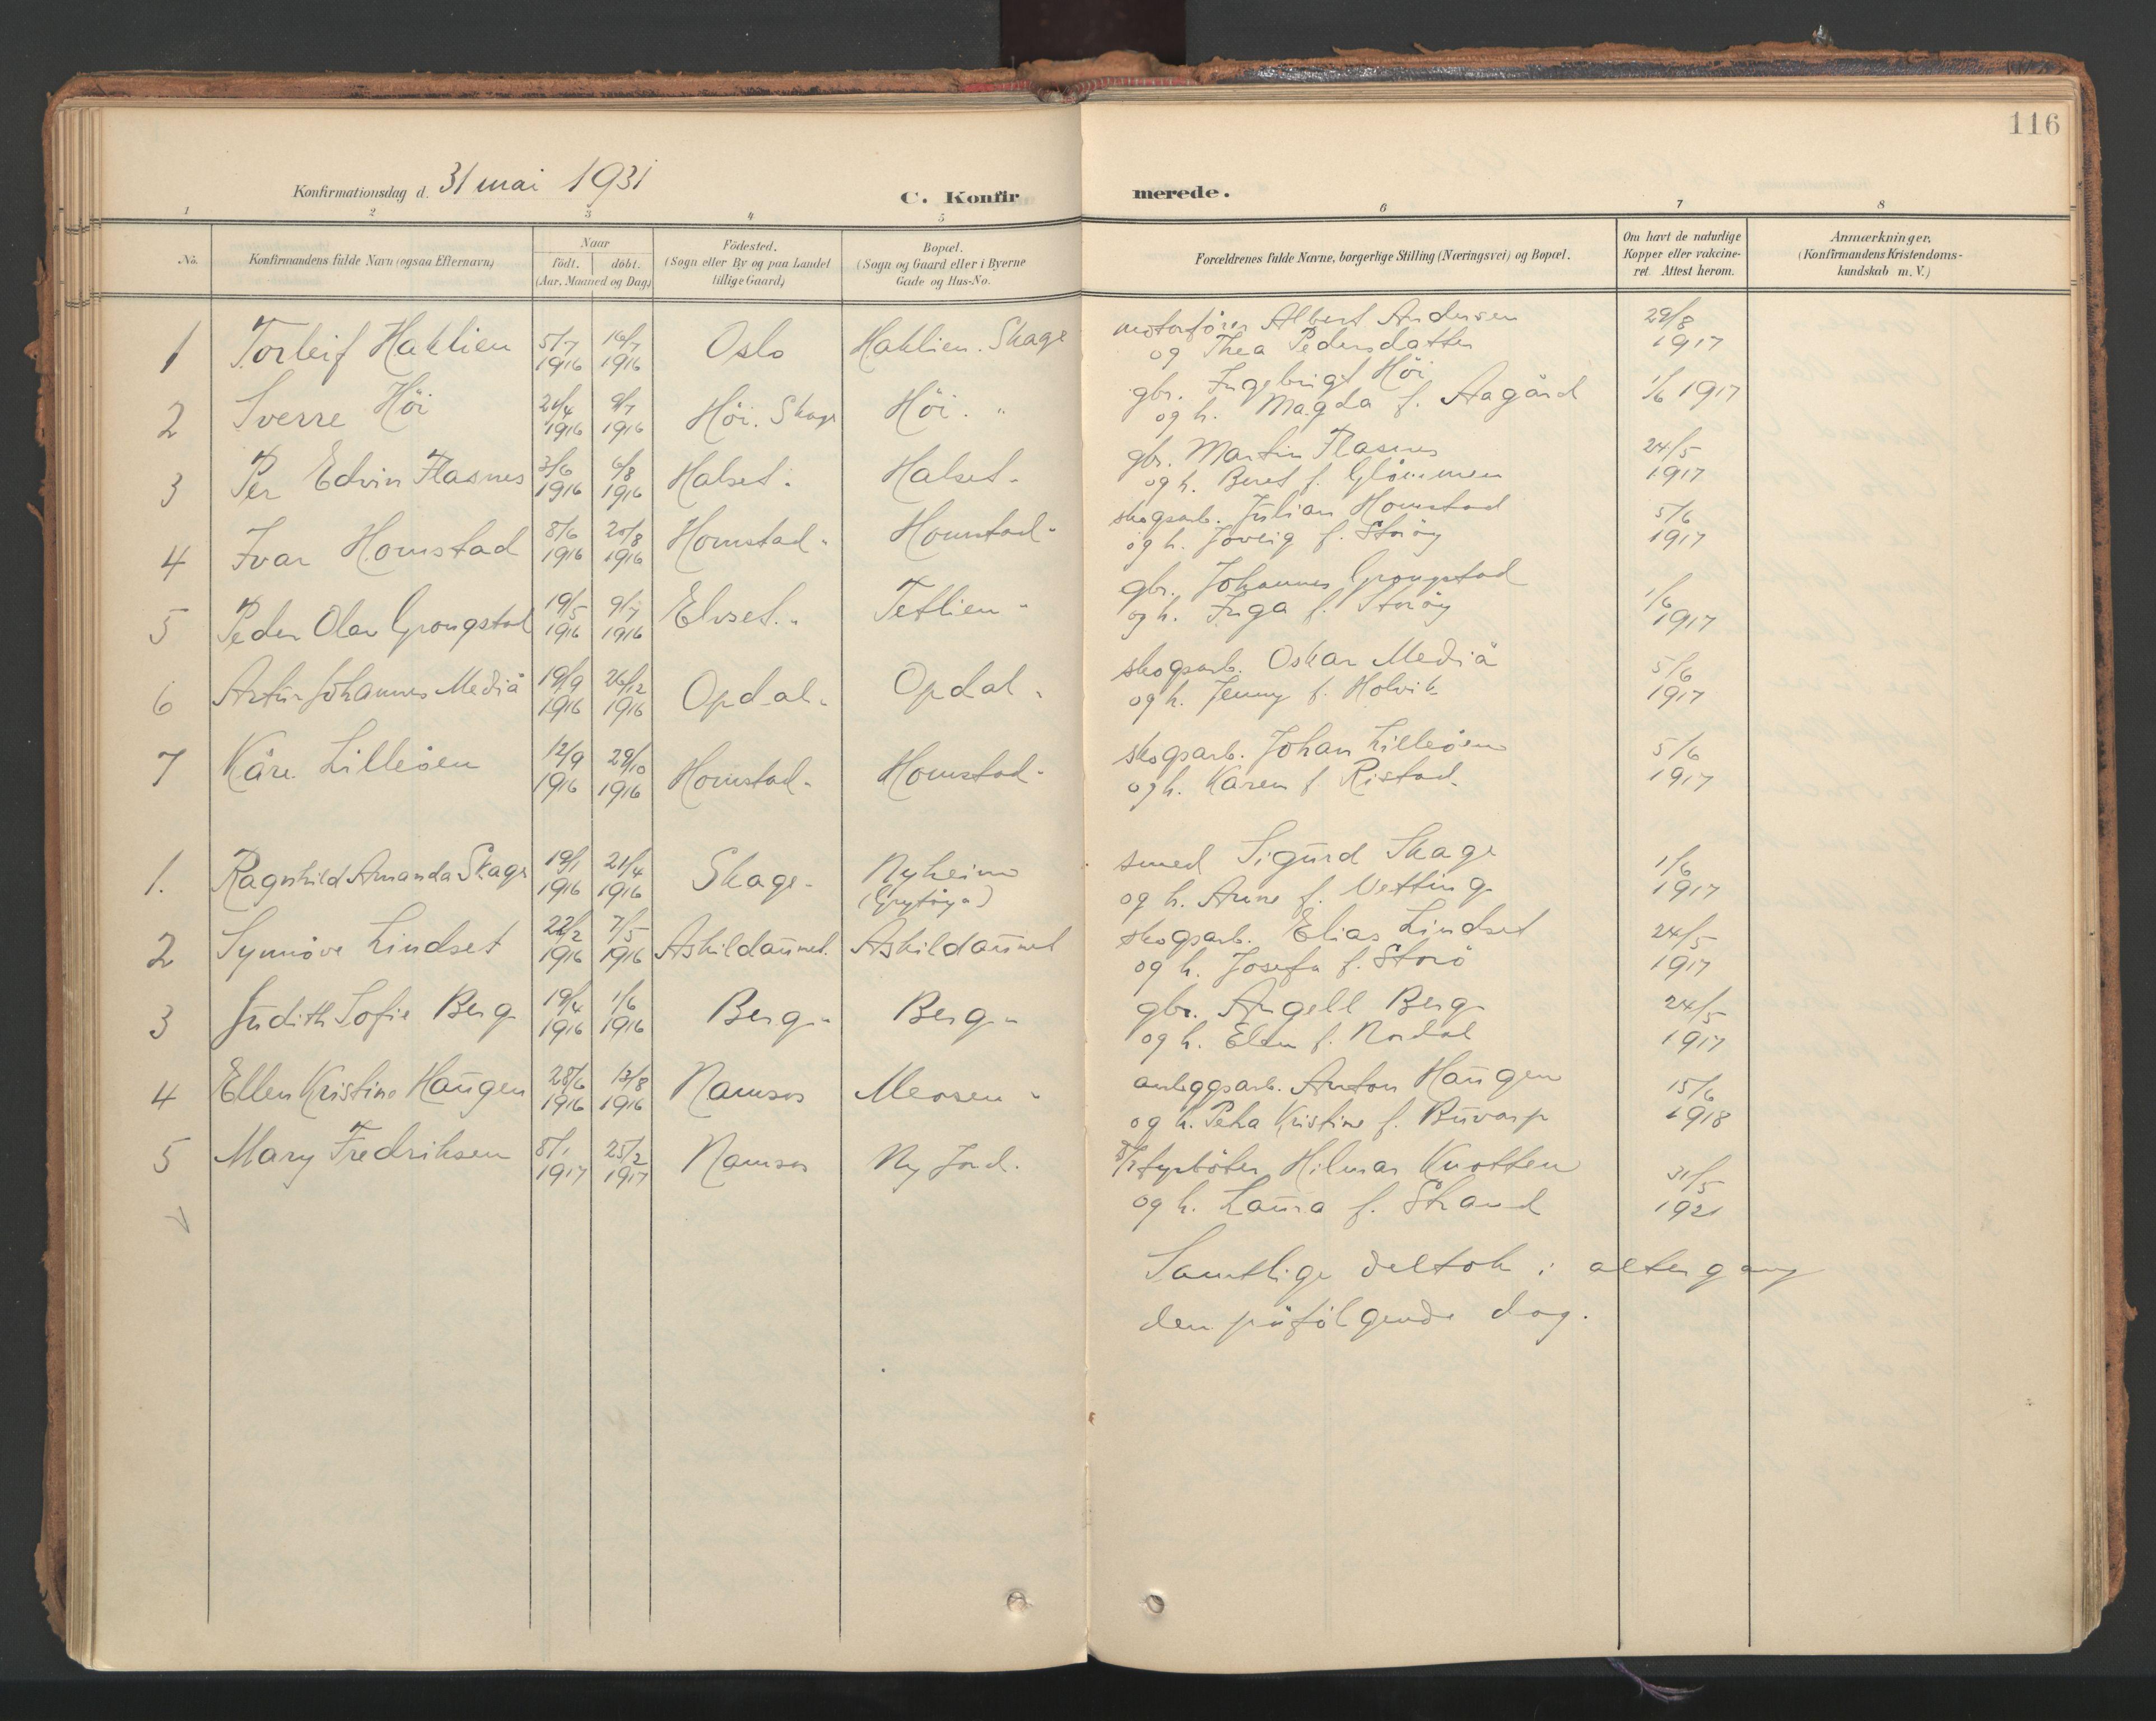 SAT, Ministerialprotokoller, klokkerbøker og fødselsregistre - Nord-Trøndelag, 766/L0564: Ministerialbok nr. 767A02, 1900-1932, s. 116